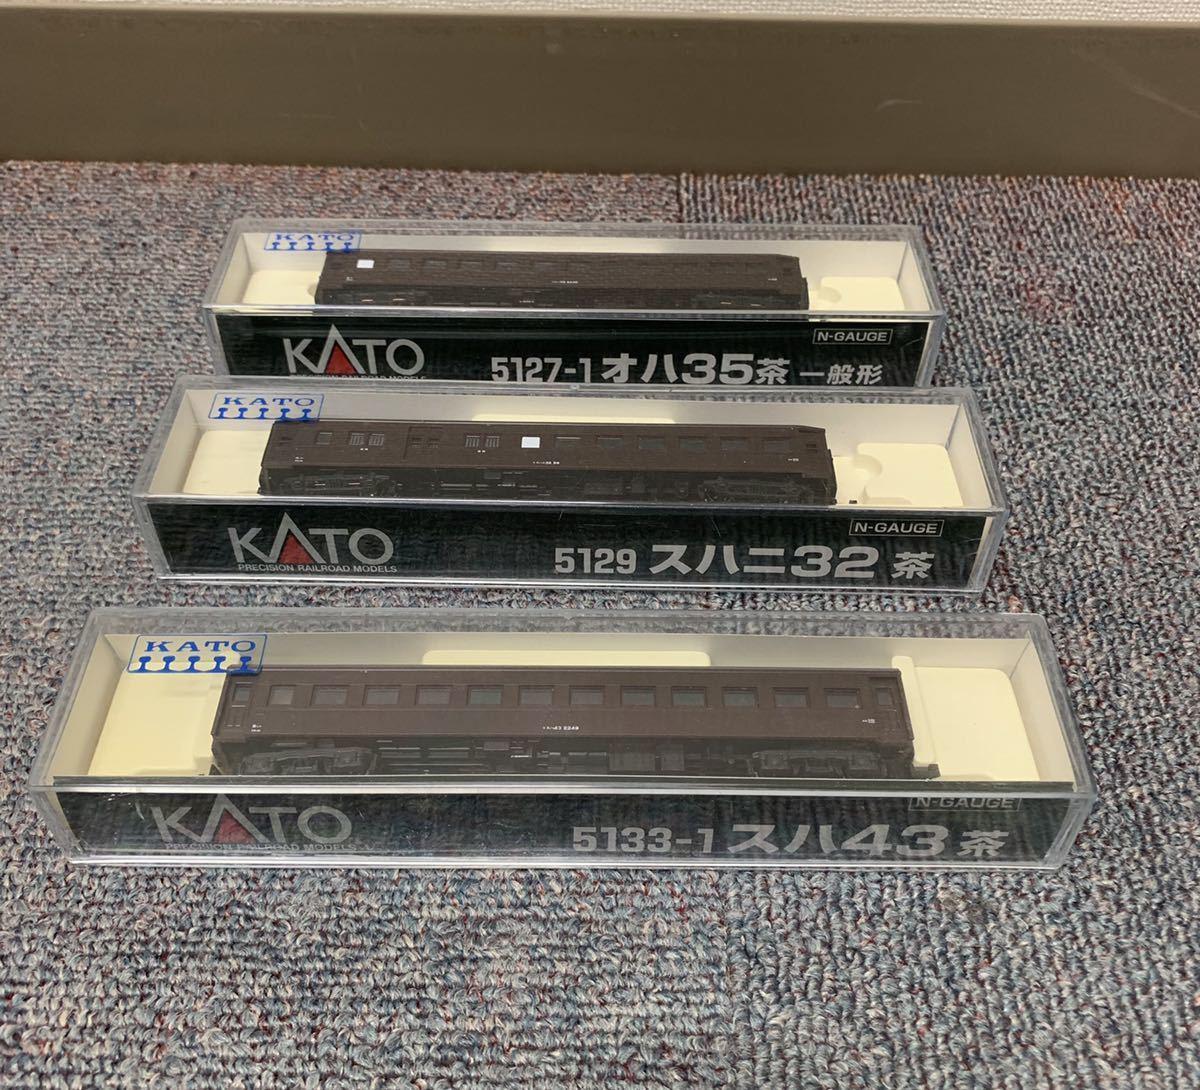 KATO【1円~ 美品】Nゲージ 客車3両セット 5133-1 スハ43 茶/ 5129 スハニ32 茶 / 5127-1 オハ35 茶 一般形_画像2